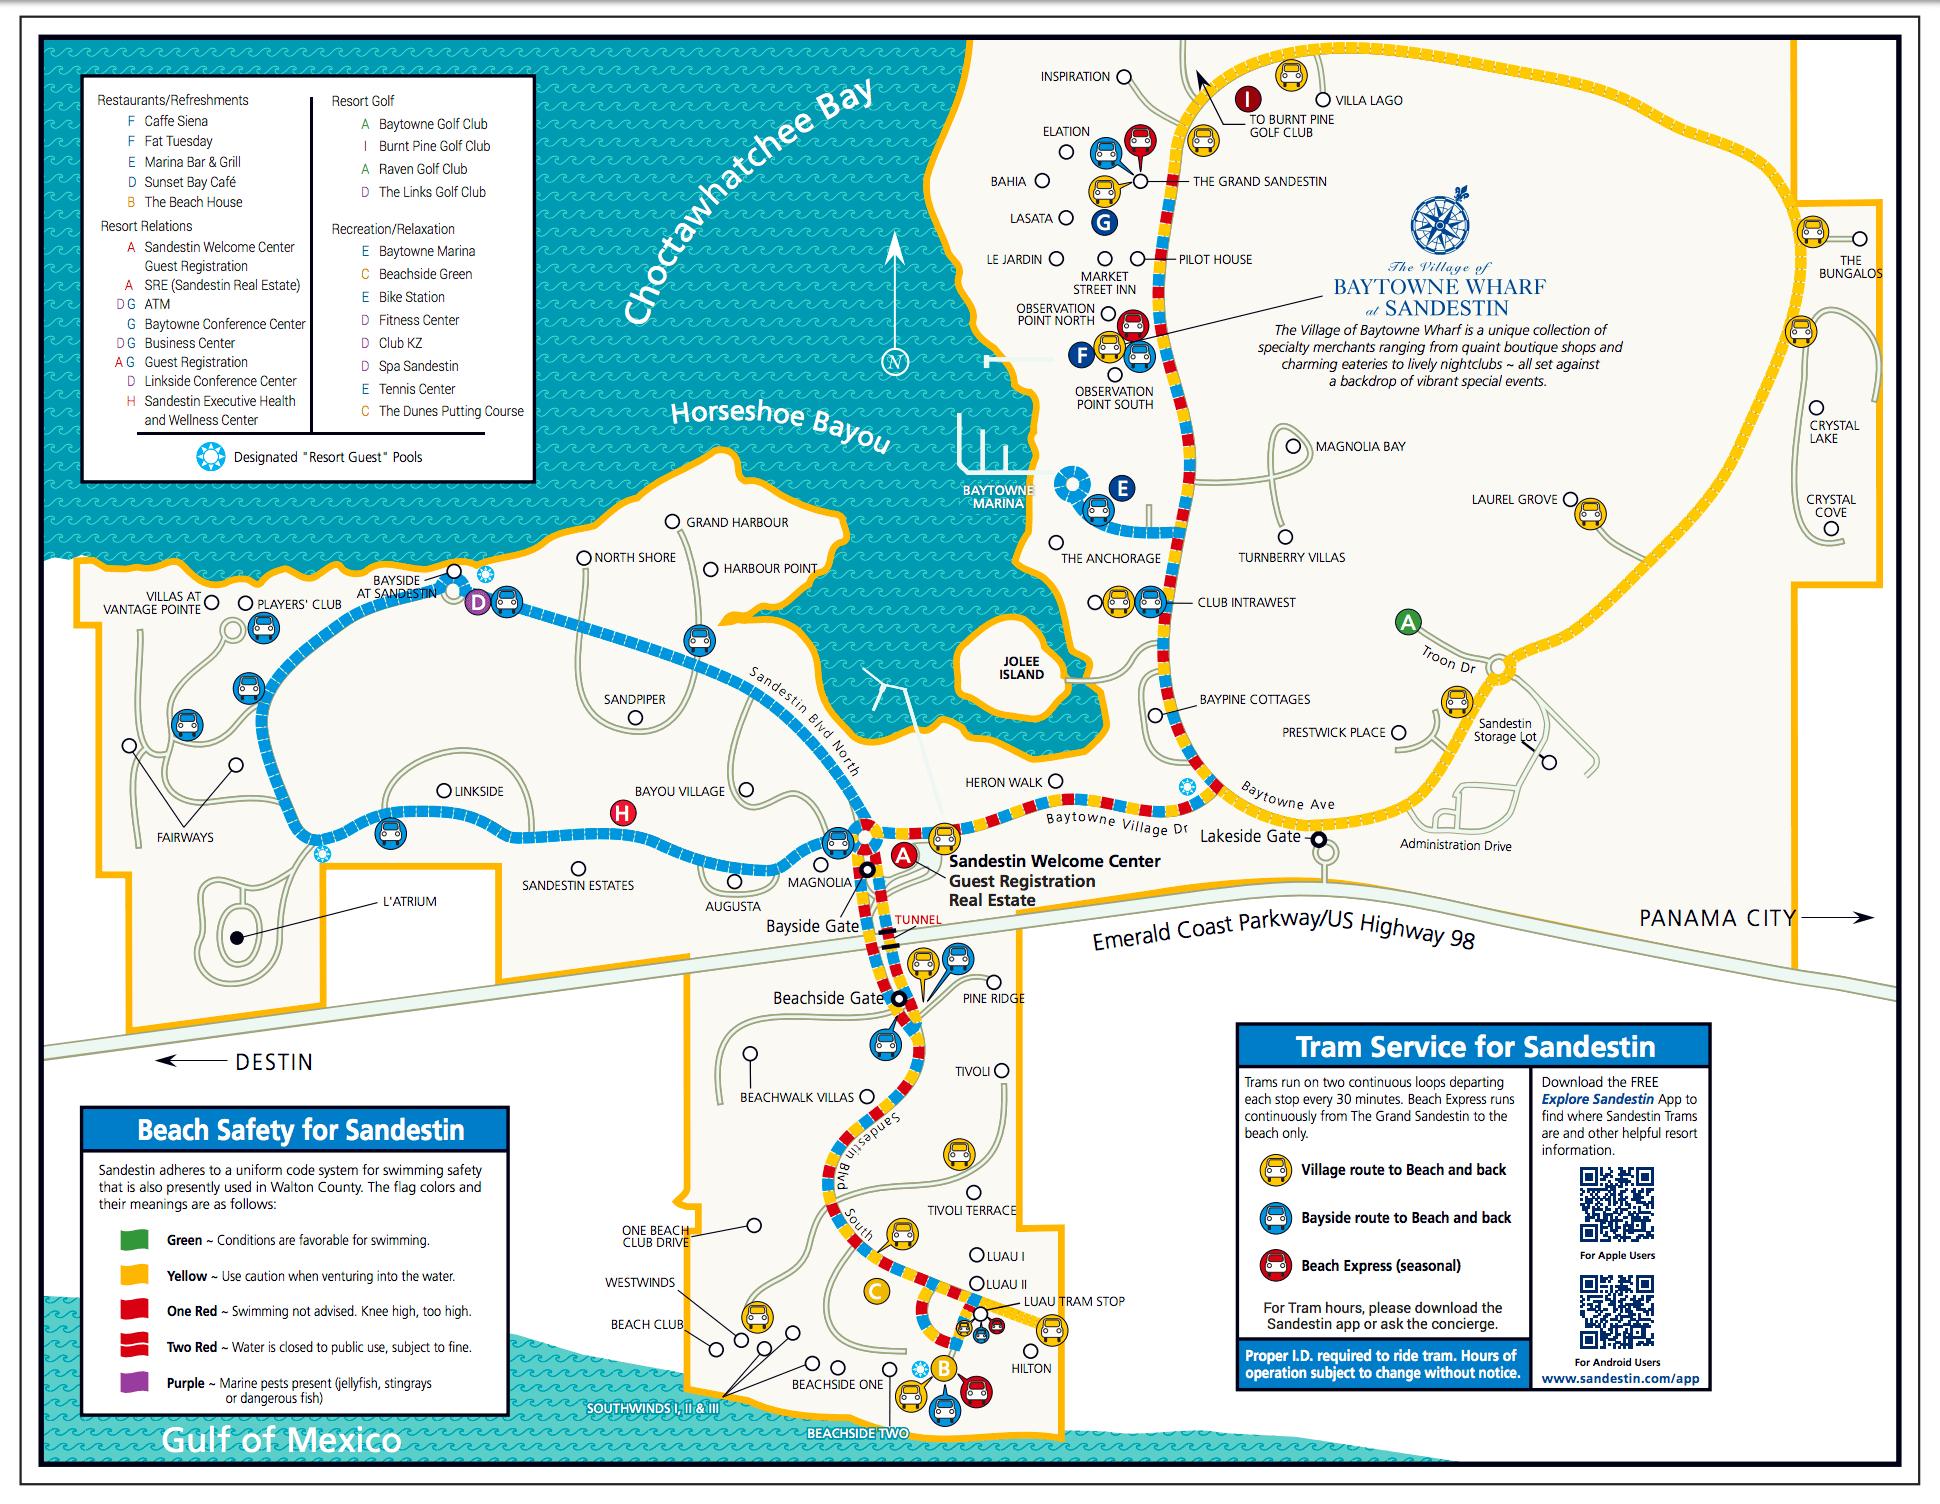 Area Maps | Sandestin Beach Maps | Hilton Sandestin Beach Golf - Sandestin Florida Map